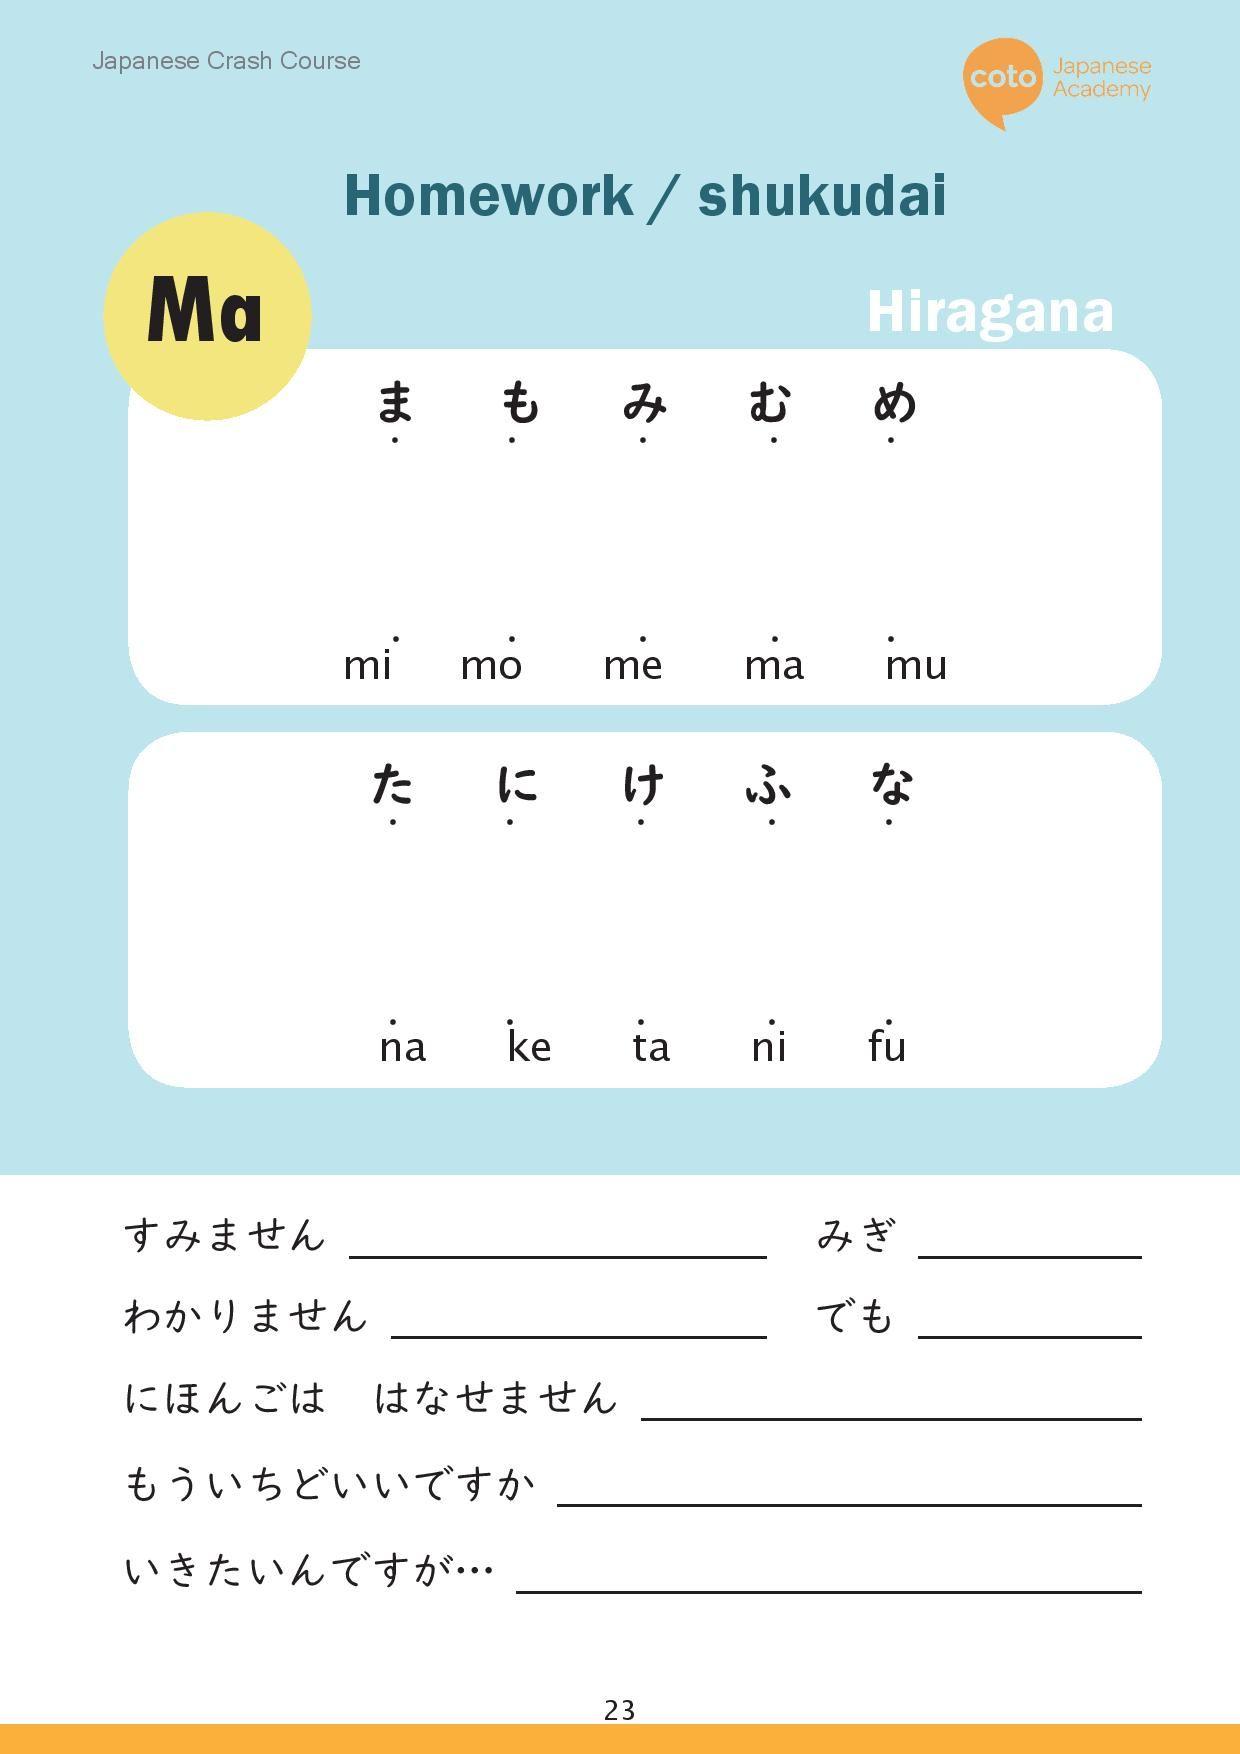 Learning Hiragana